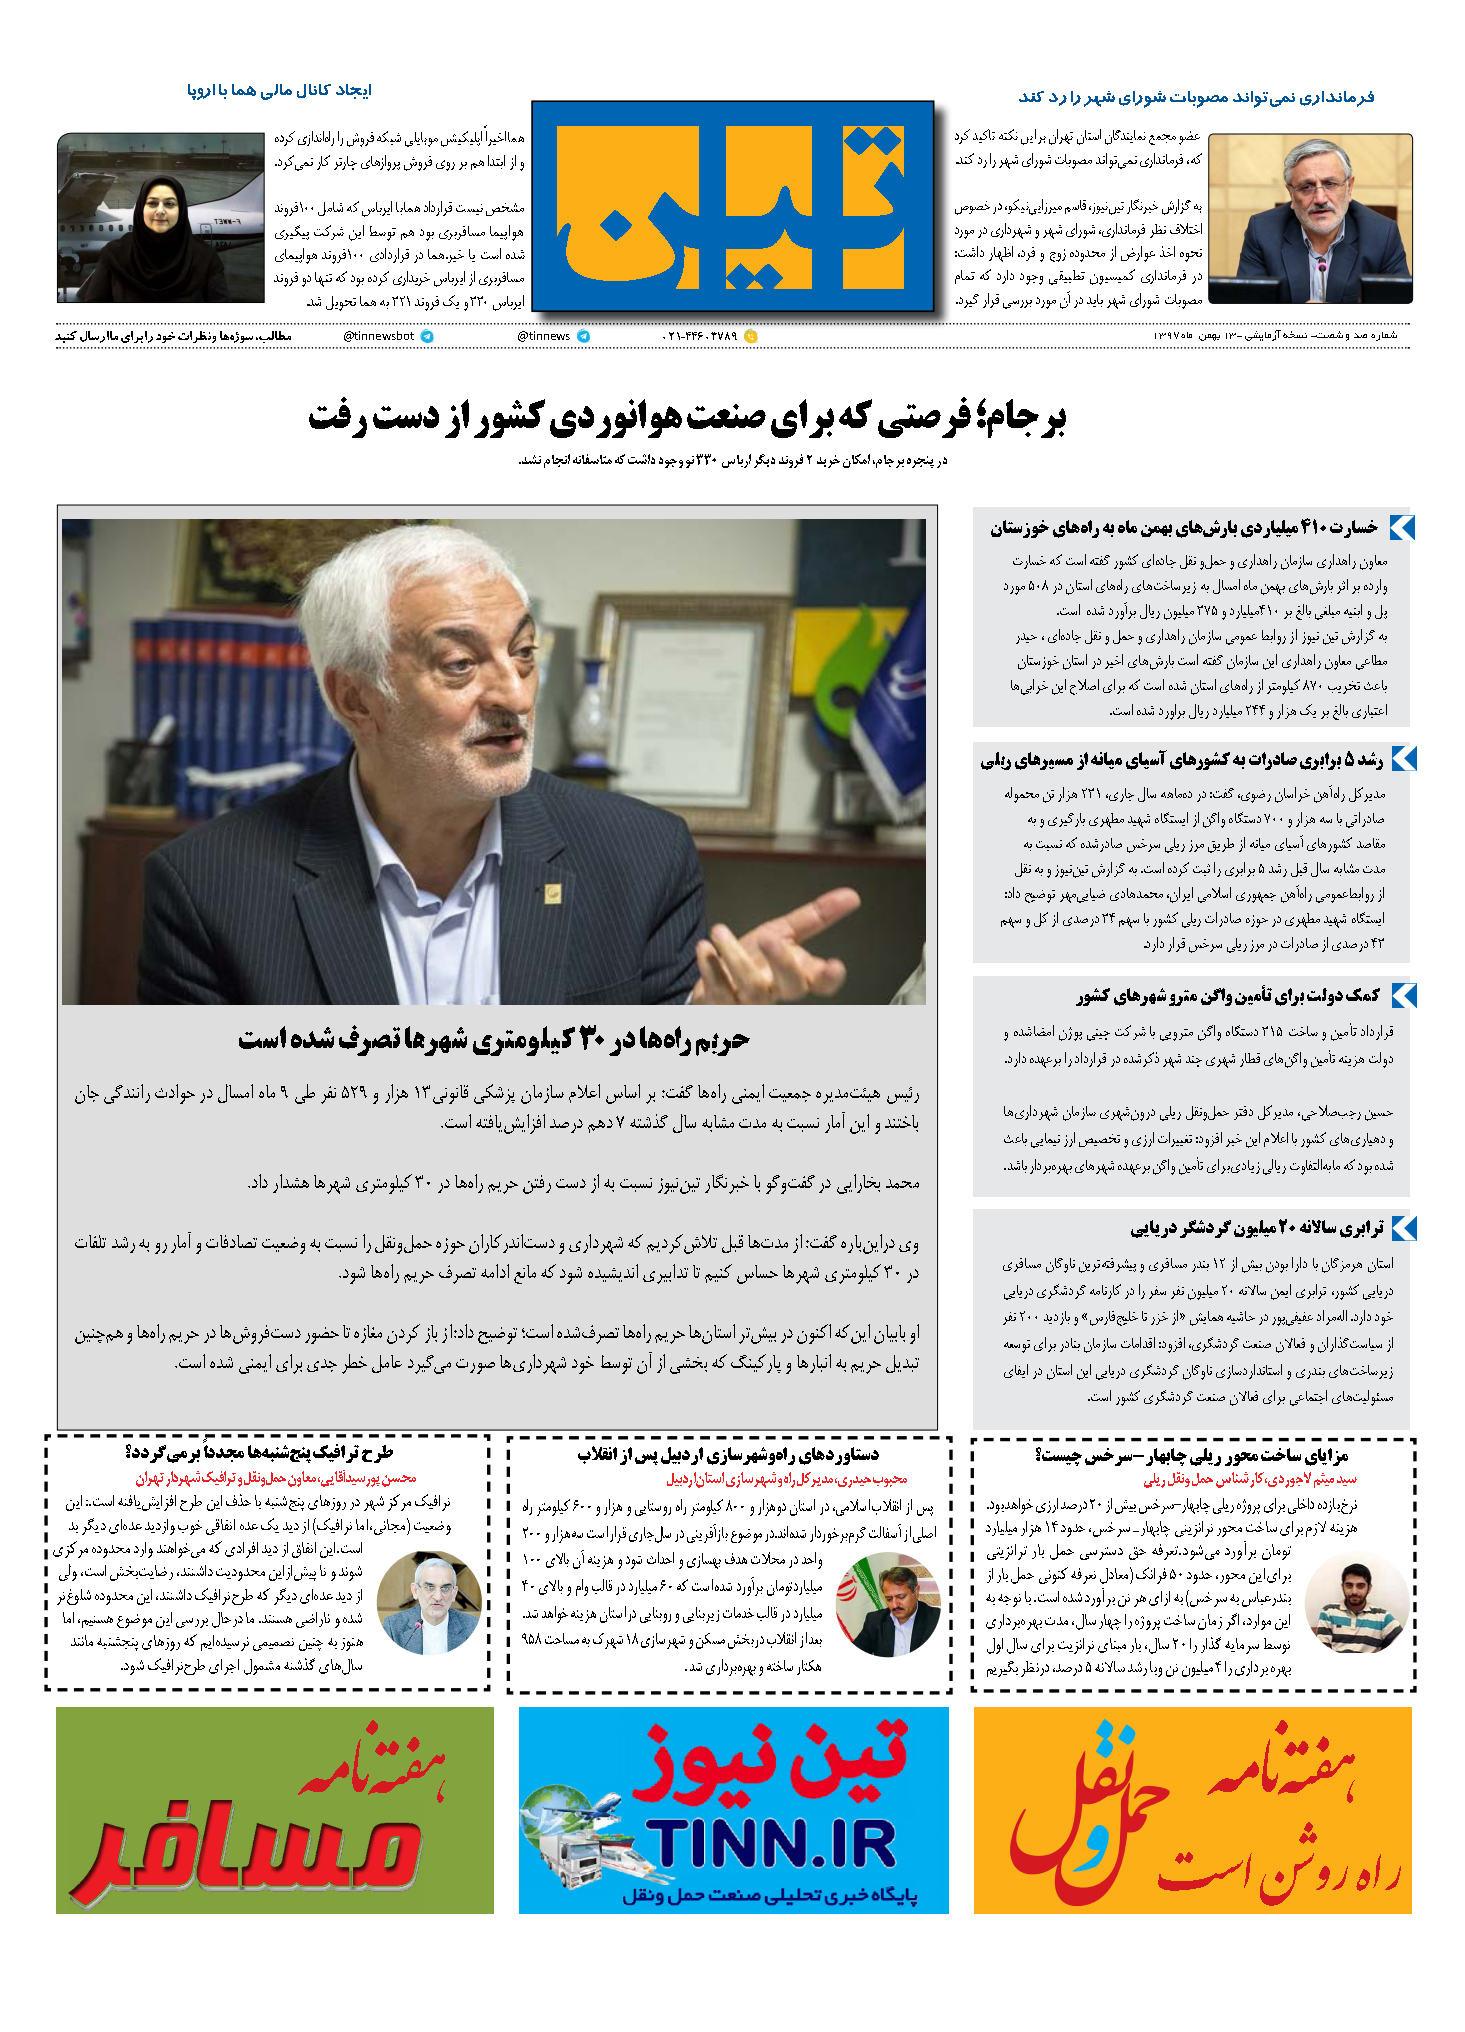 روزنامه الکترونیک 13 بهمن ماه 97